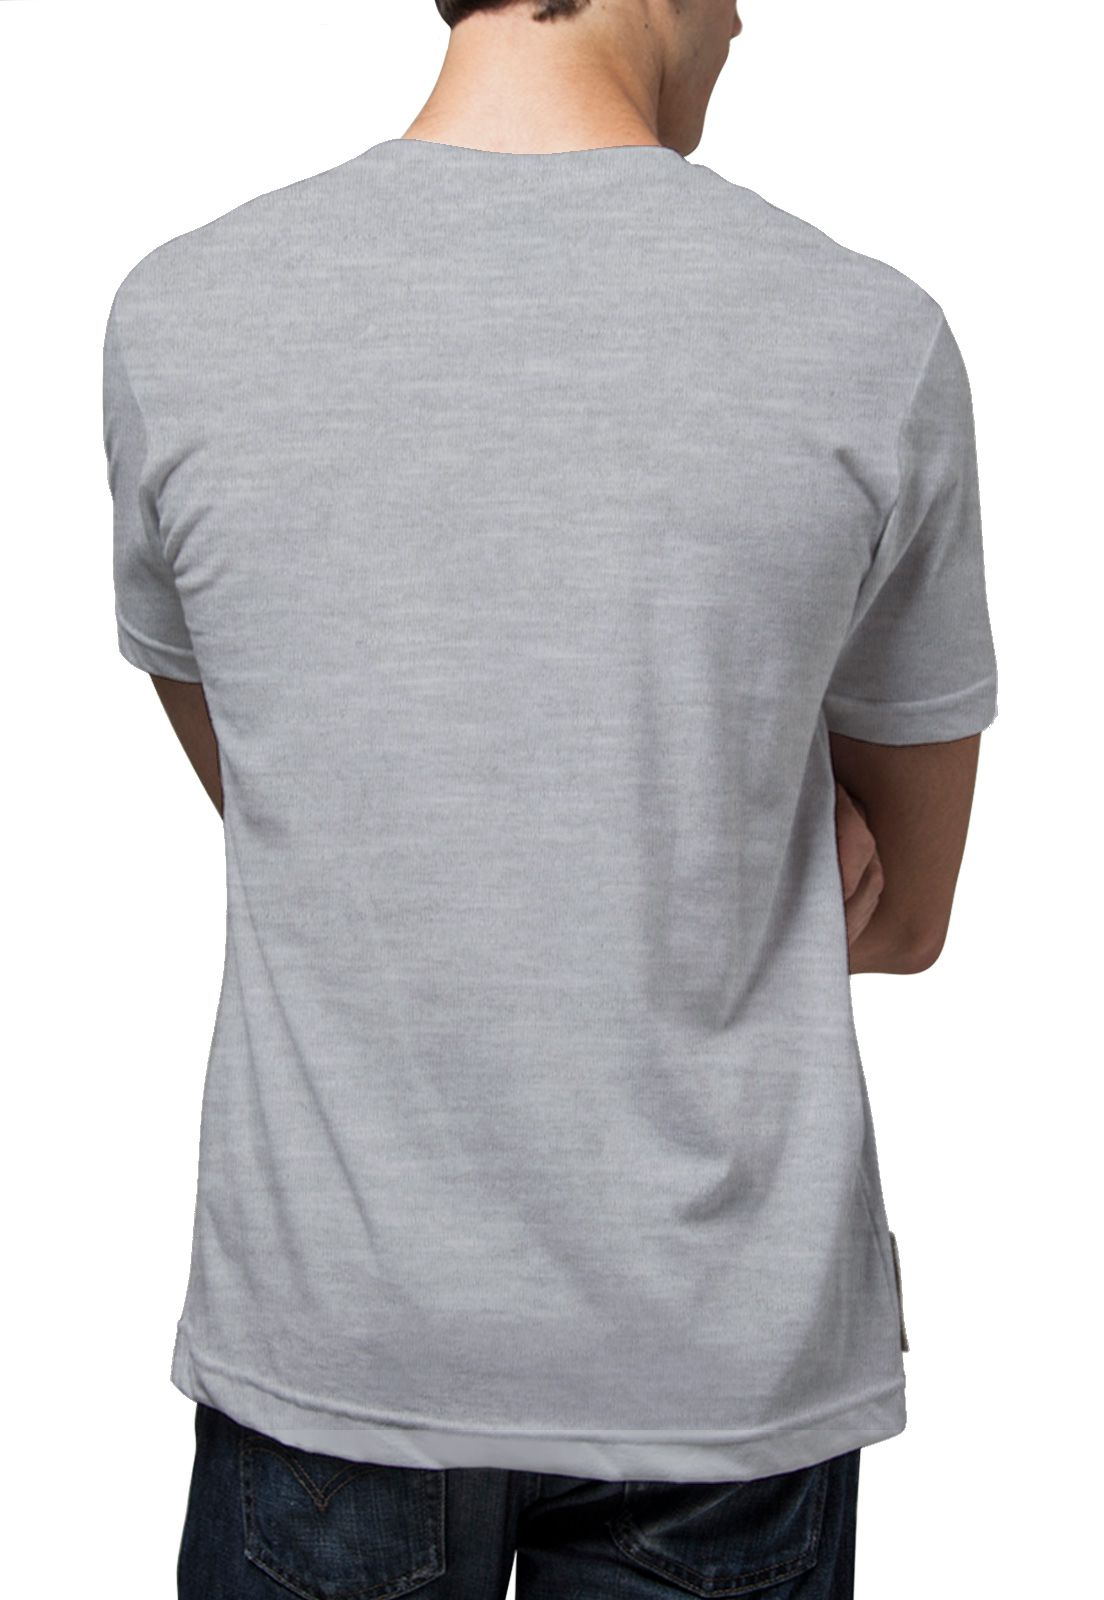 Camiseta Amazônia Leão Rasta - Mescla